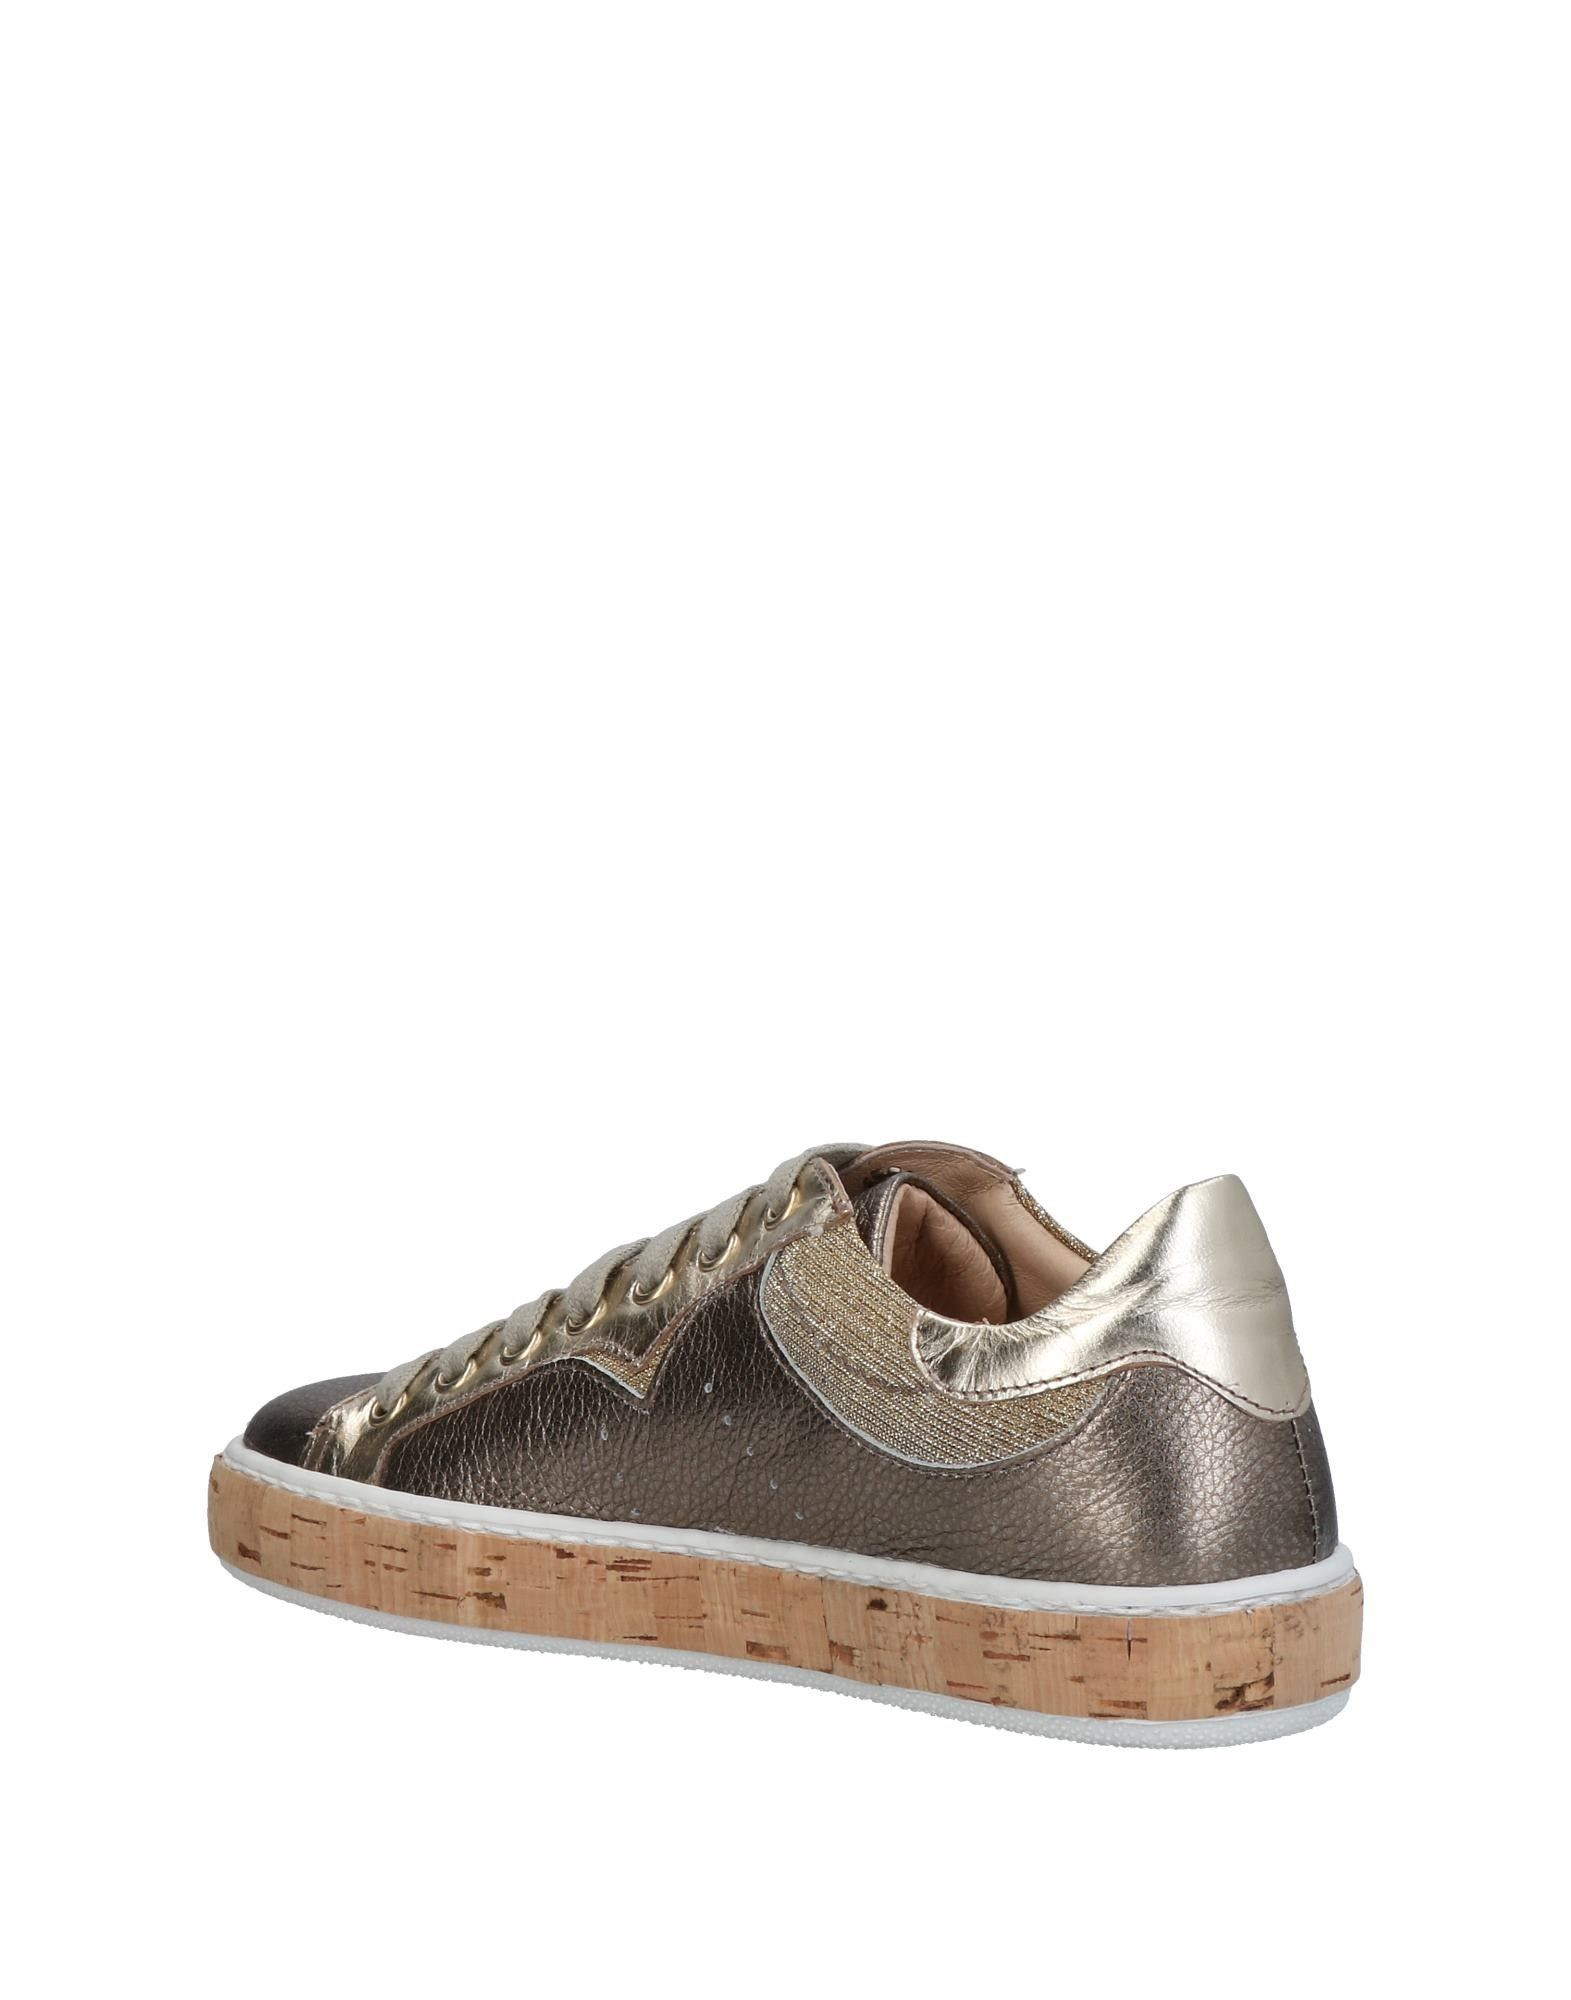 Manas Sneakers Damen Damen Sneakers  11424502IB 2c7cac